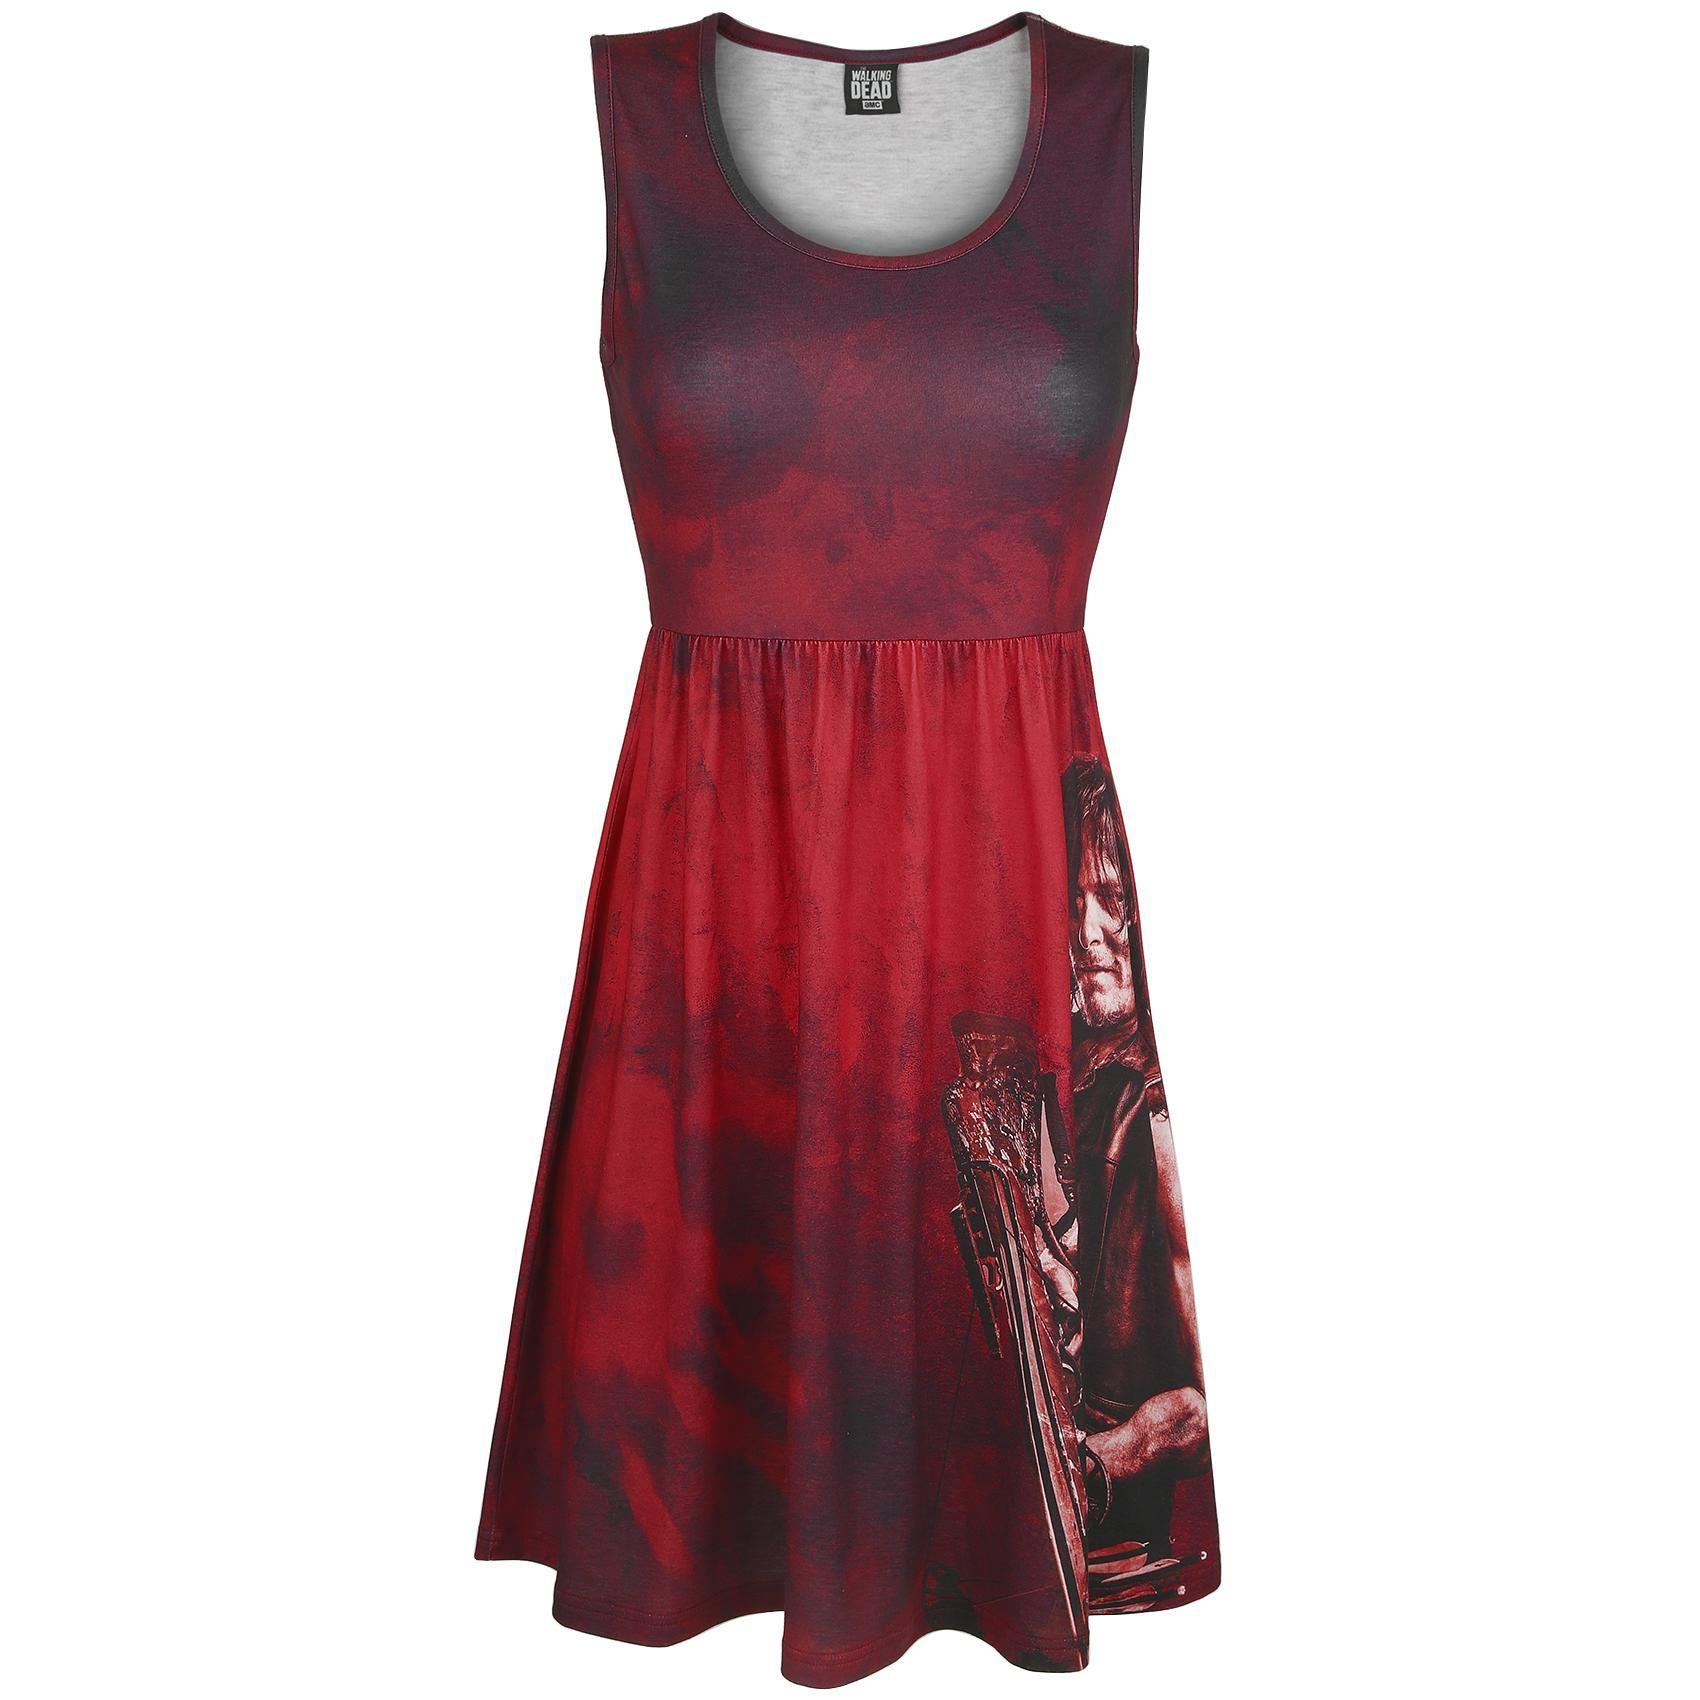 Daryl Dixon - Ready - Kurzes Kleid von The Walking Dead | Clothes ...